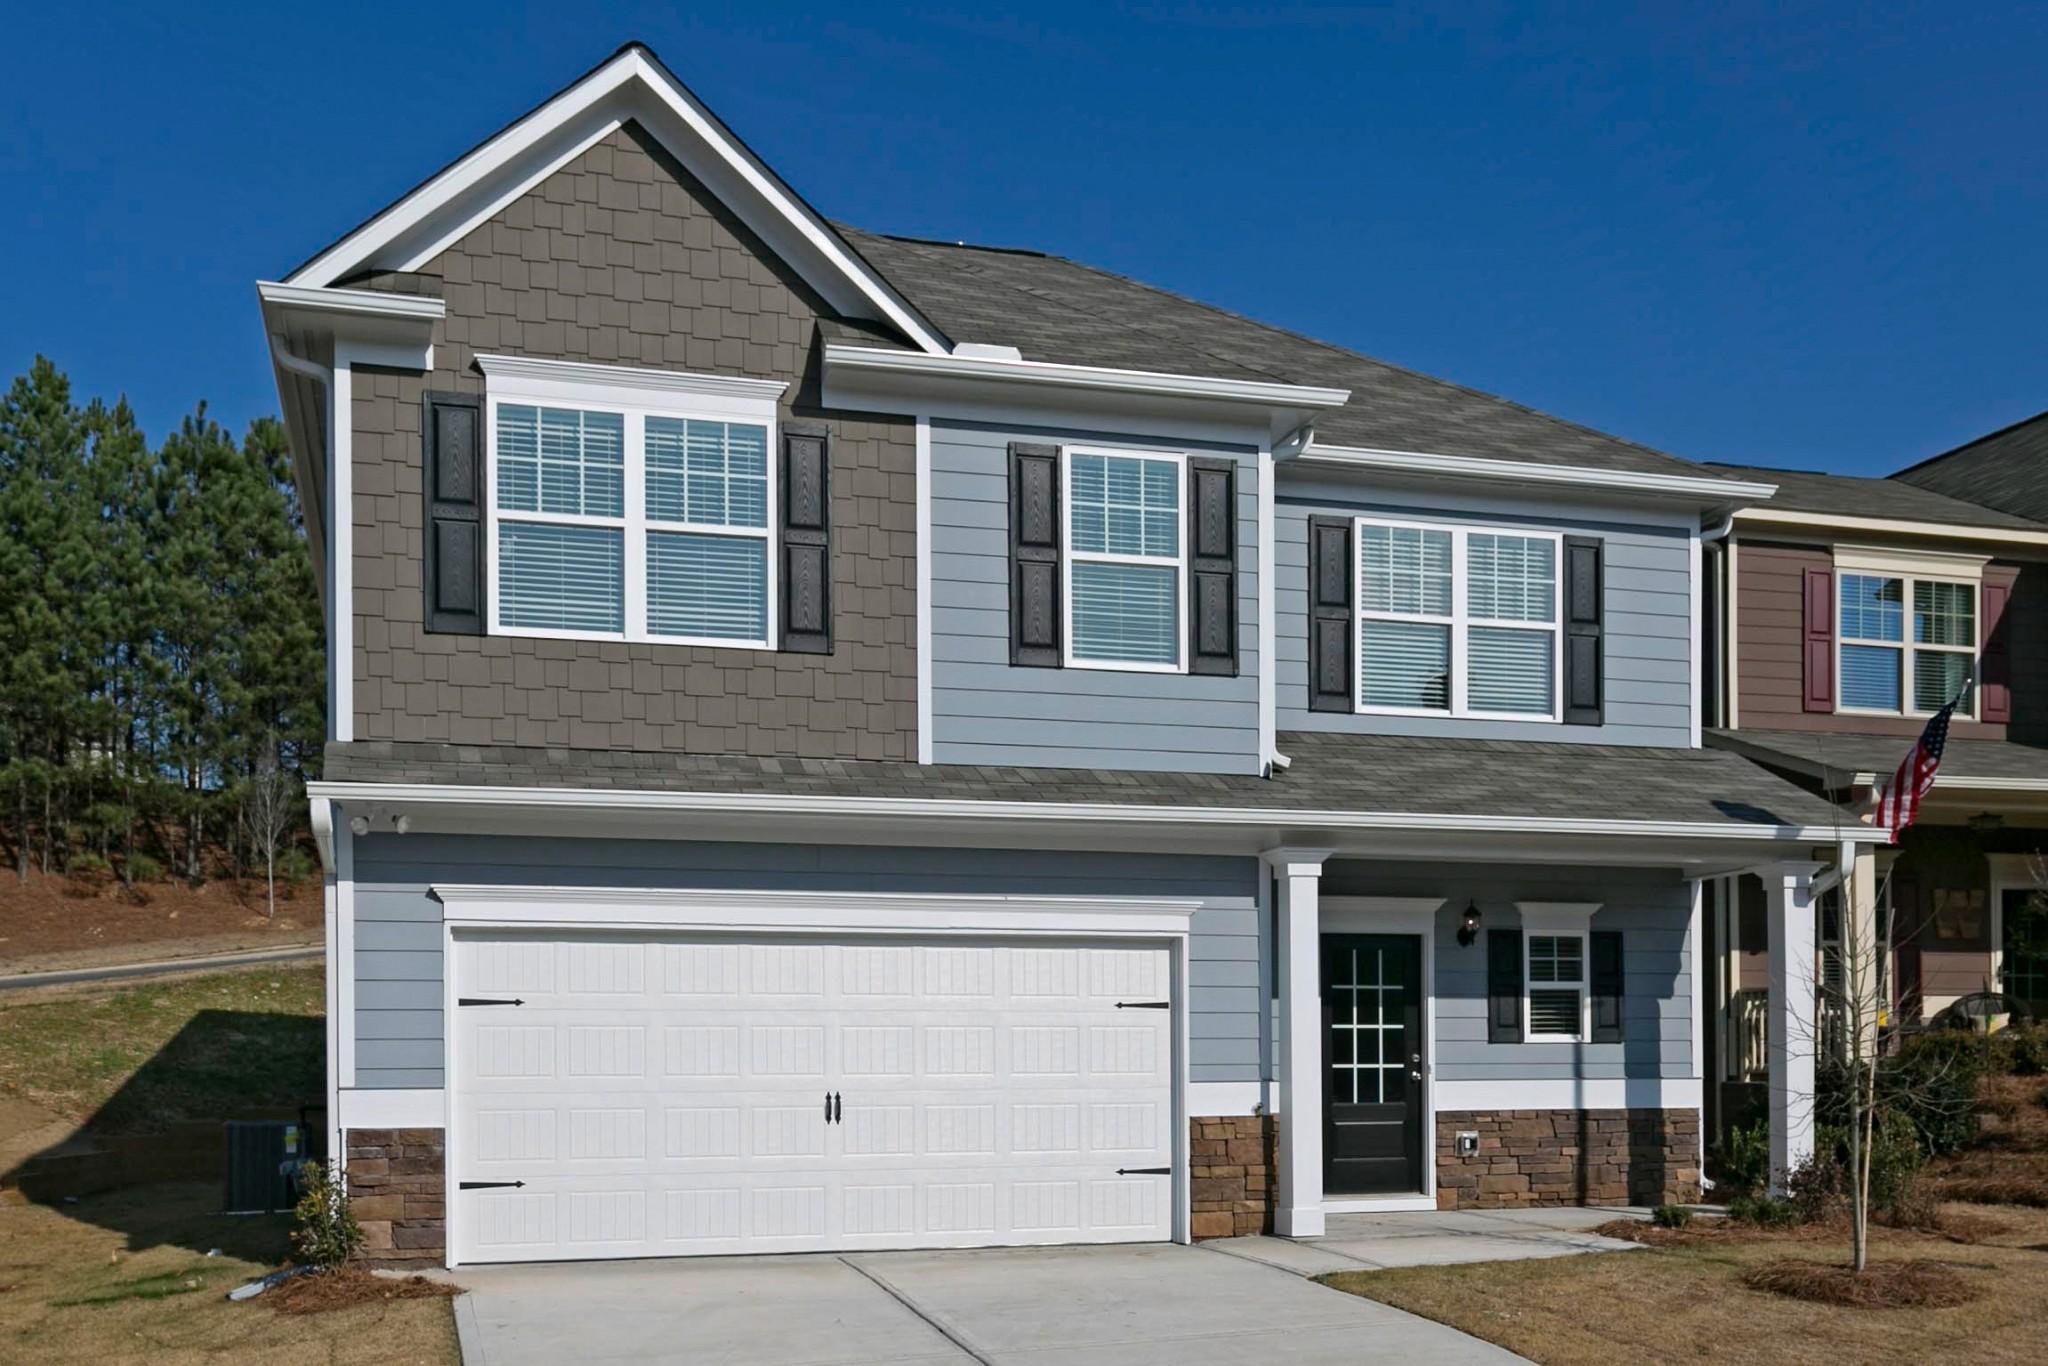 178 Begonia Drive, Smyrna, TN 37167 - Smyrna, TN real estate listing